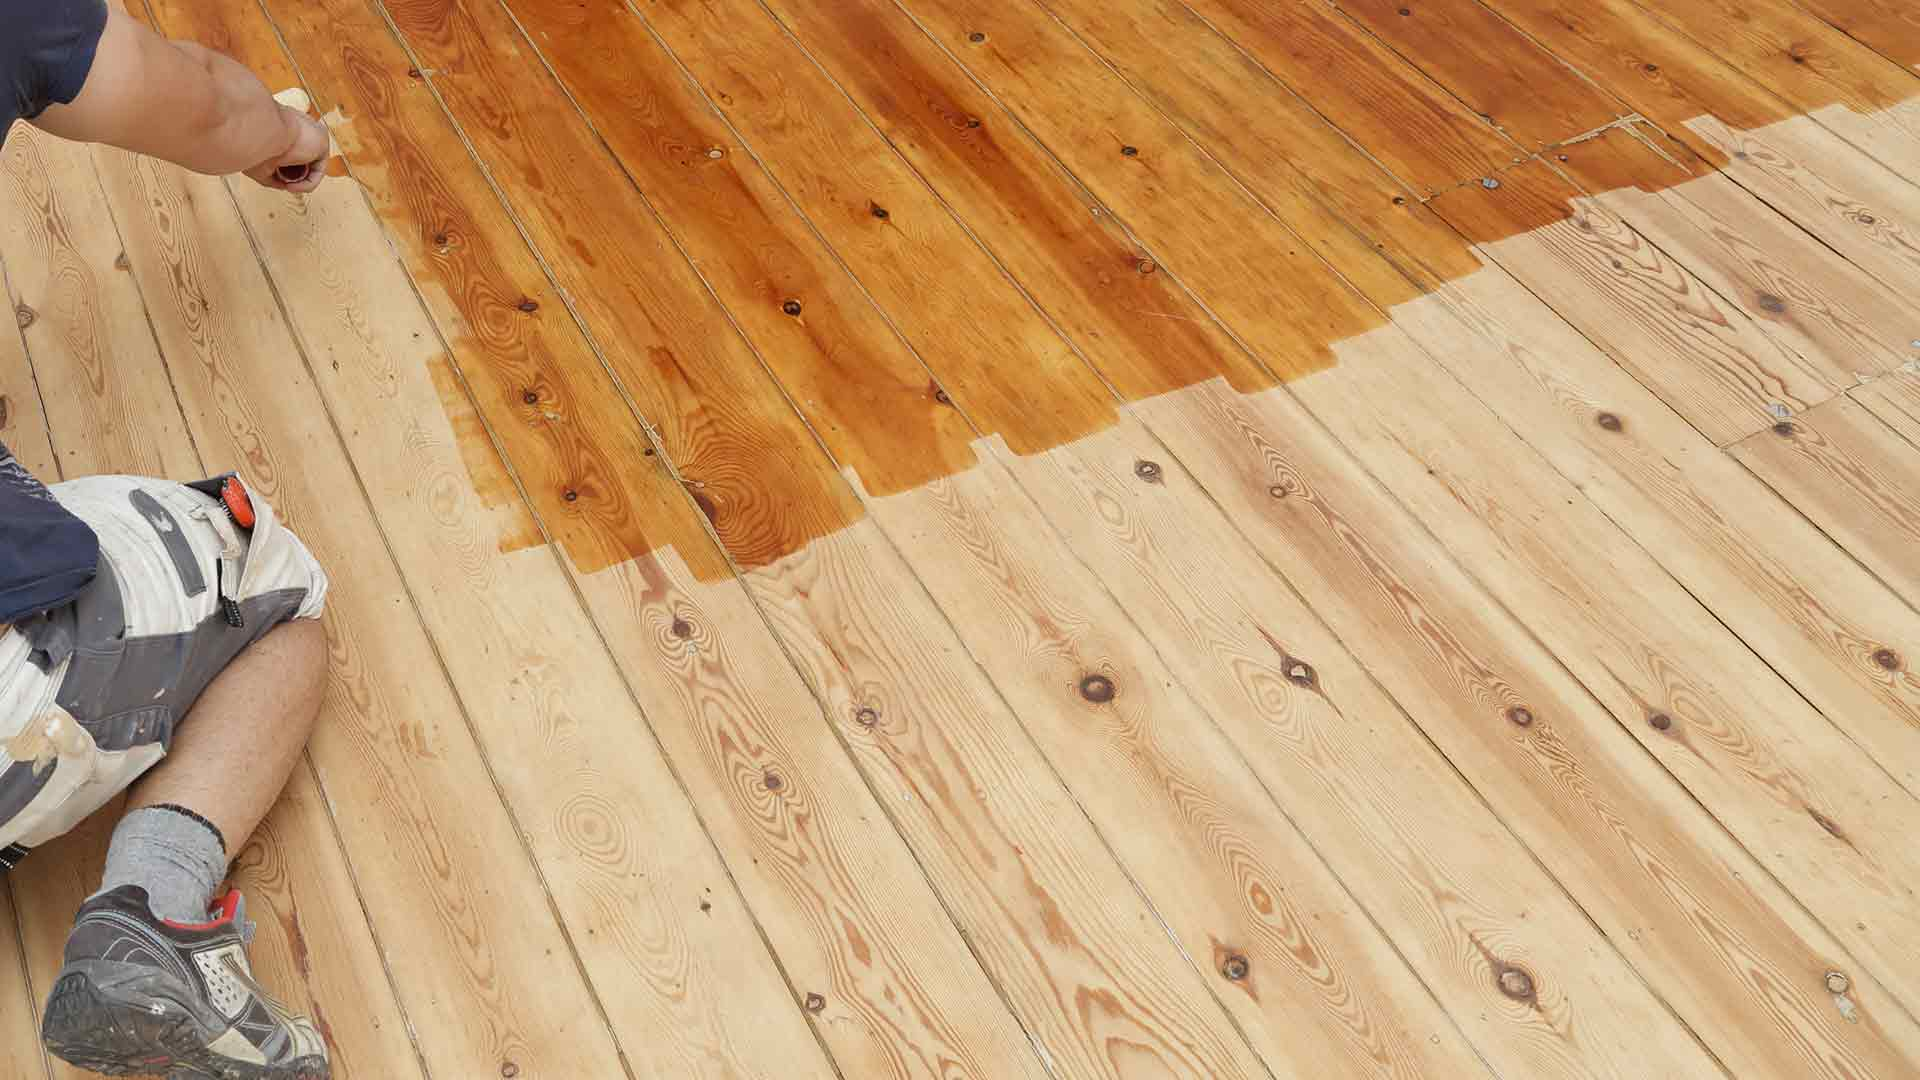 Holzfußboden Im Küchenbereich ~ Bodenbeläge und ihre eigenschaften welcher bodenbelag für welchen